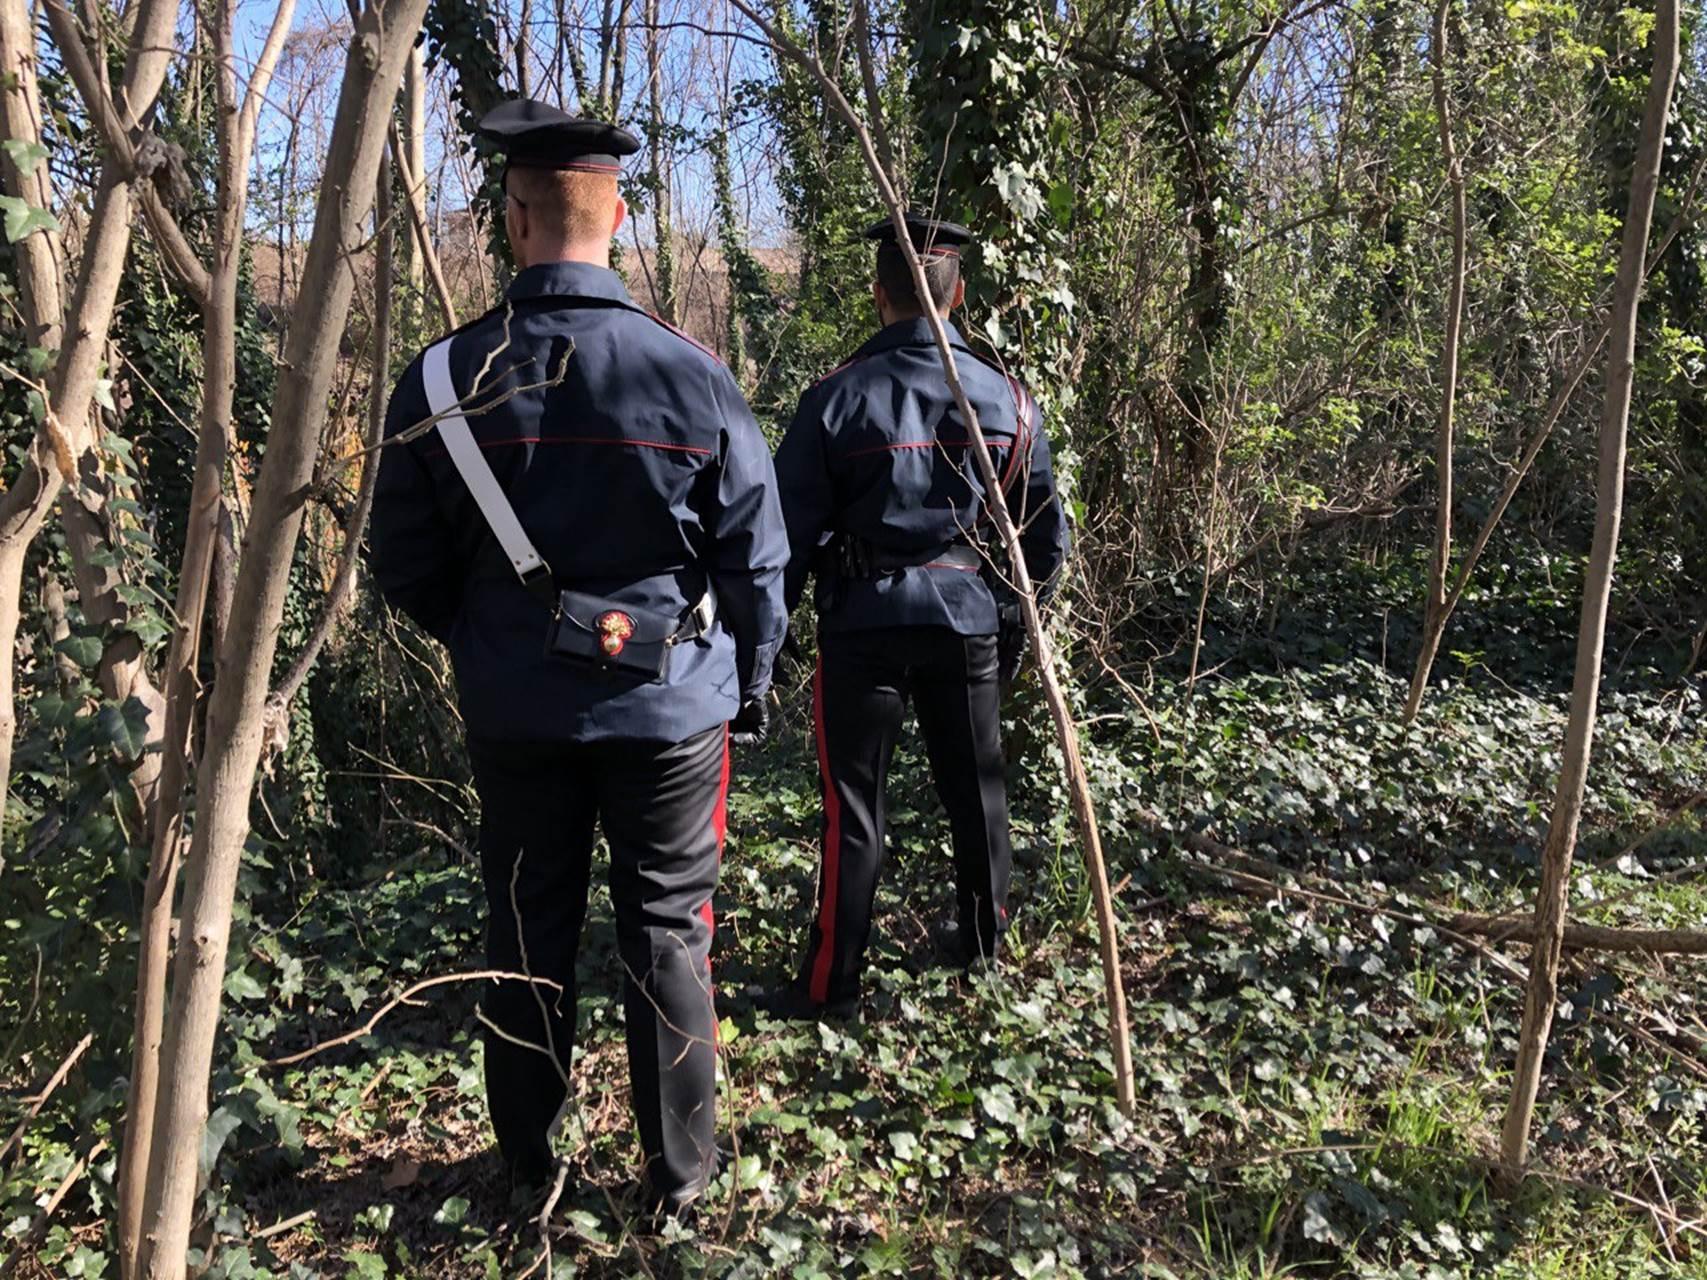 Piantagione di cannabis in zona Interporto: dopo le indagini, eseguiti due arresti domiciliari e una custodia in carcere